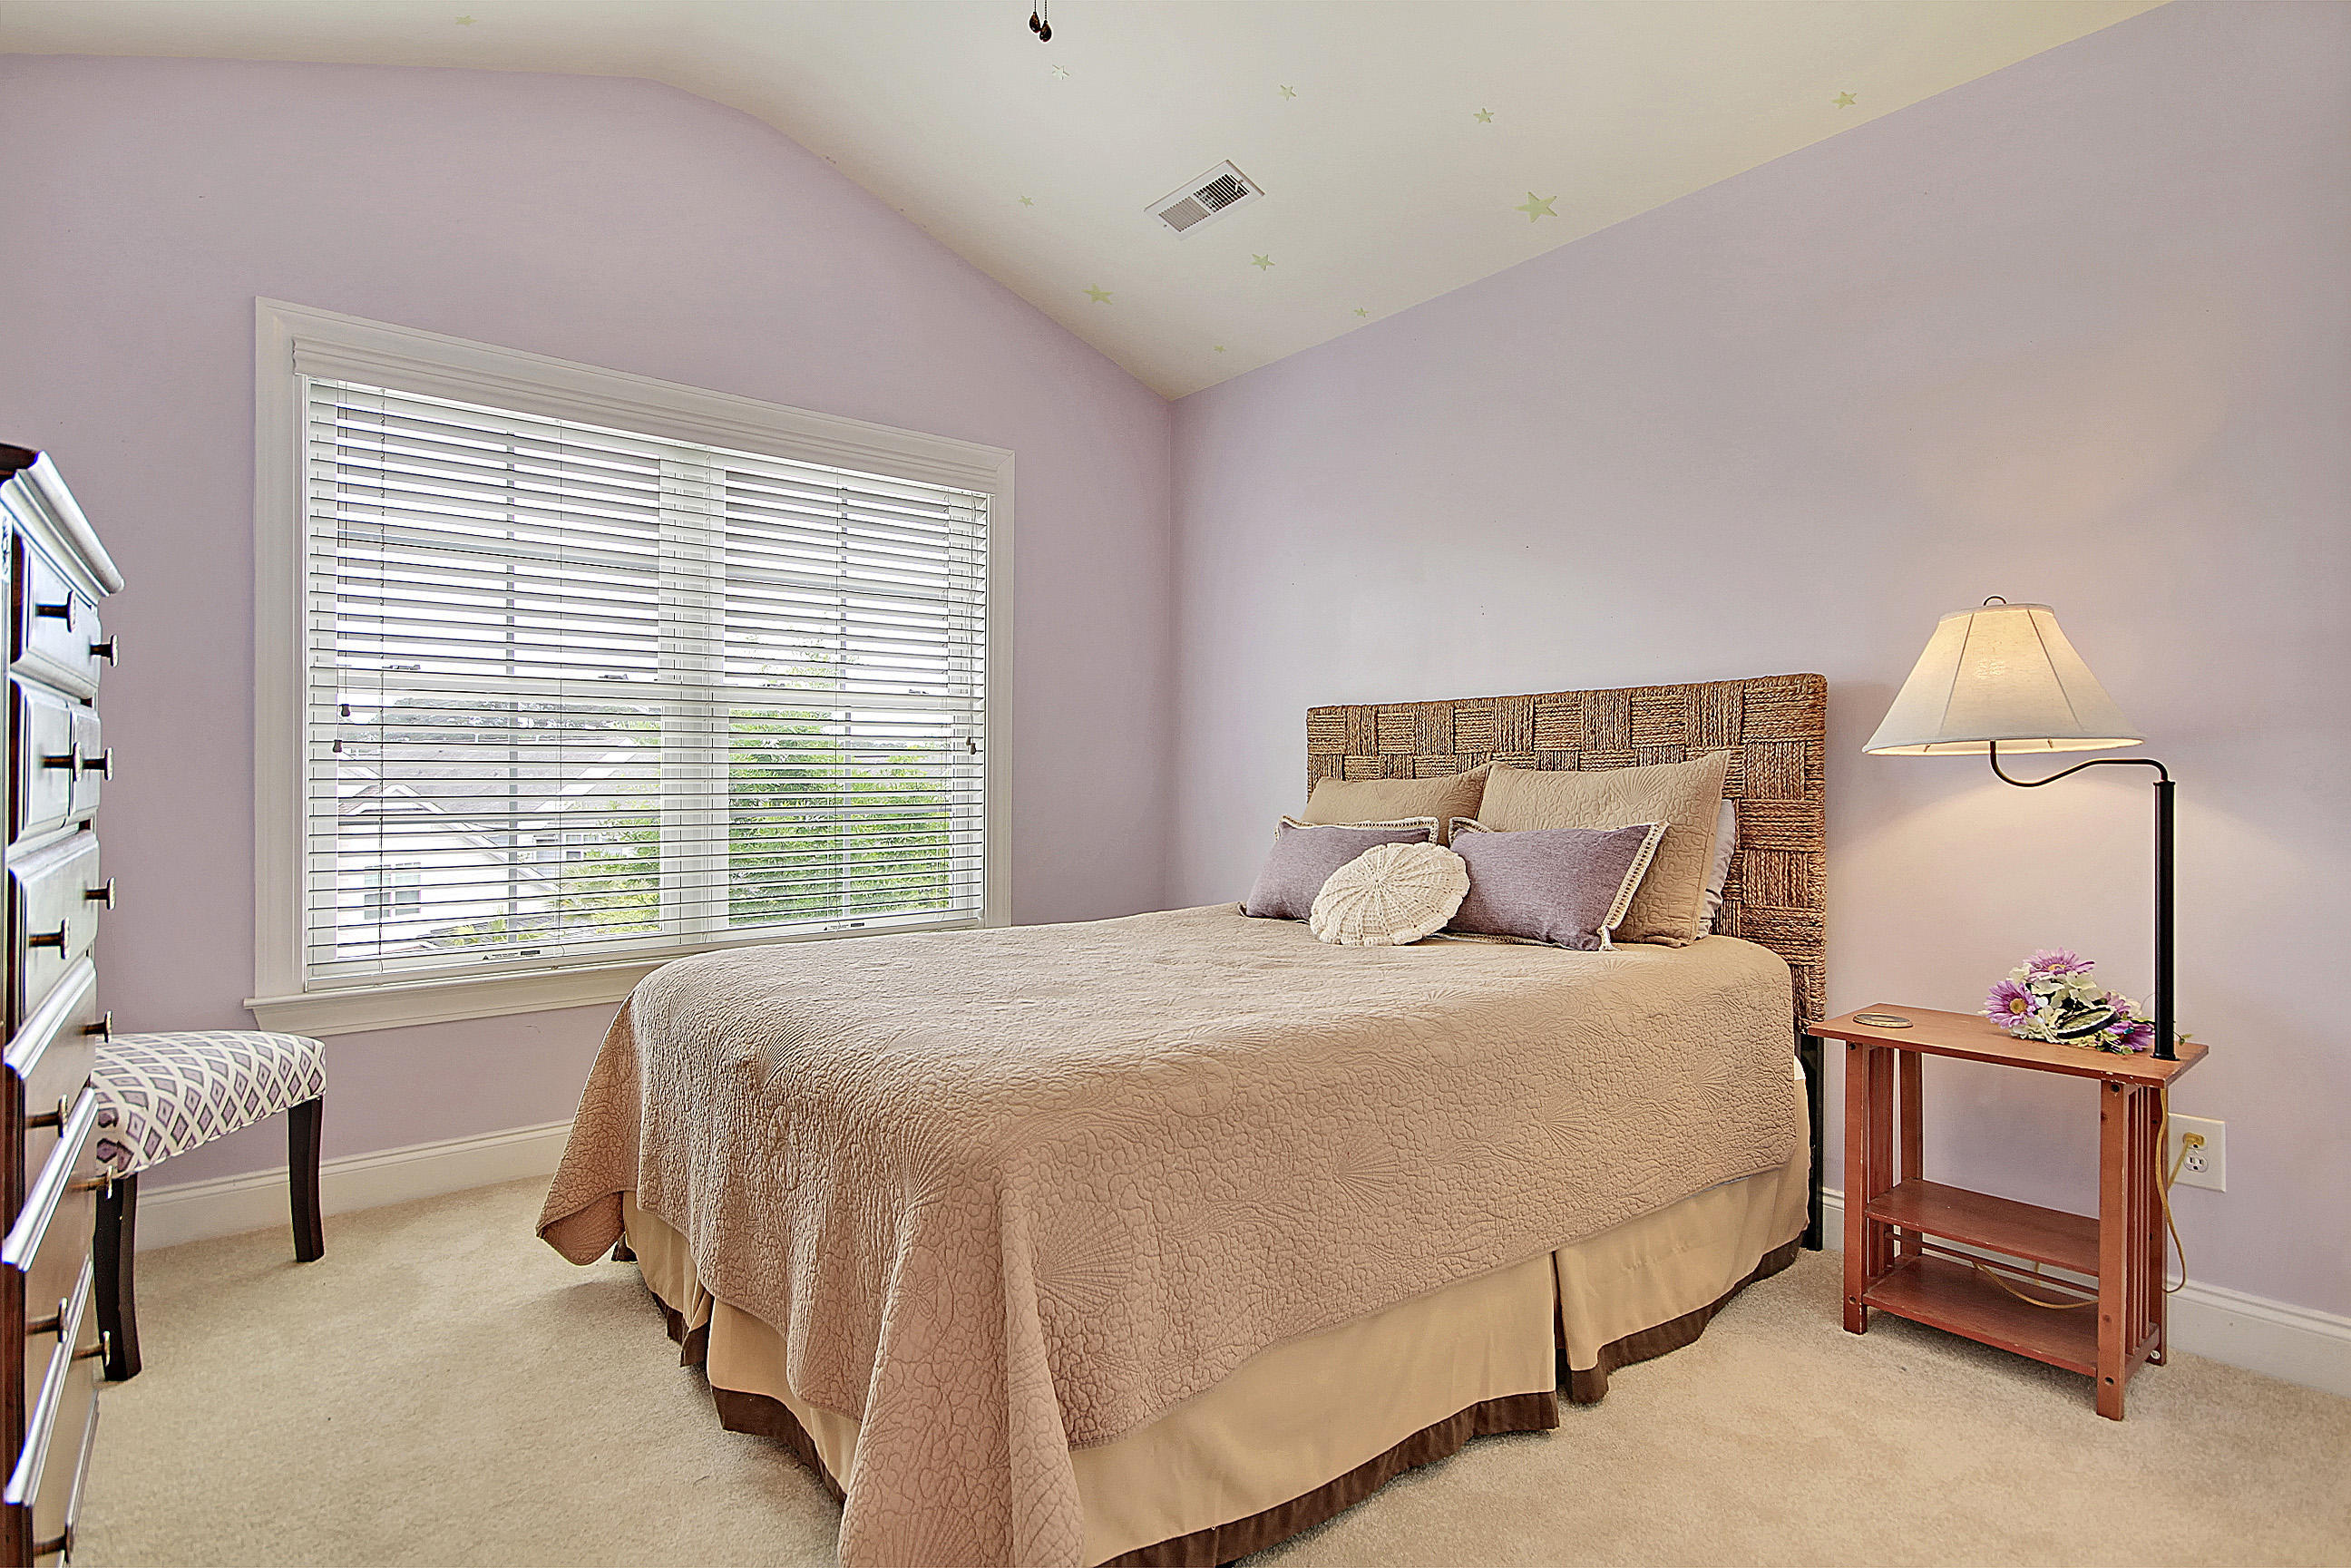 Park West Homes For Sale - 3624 Bagley, Mount Pleasant, SC - 17